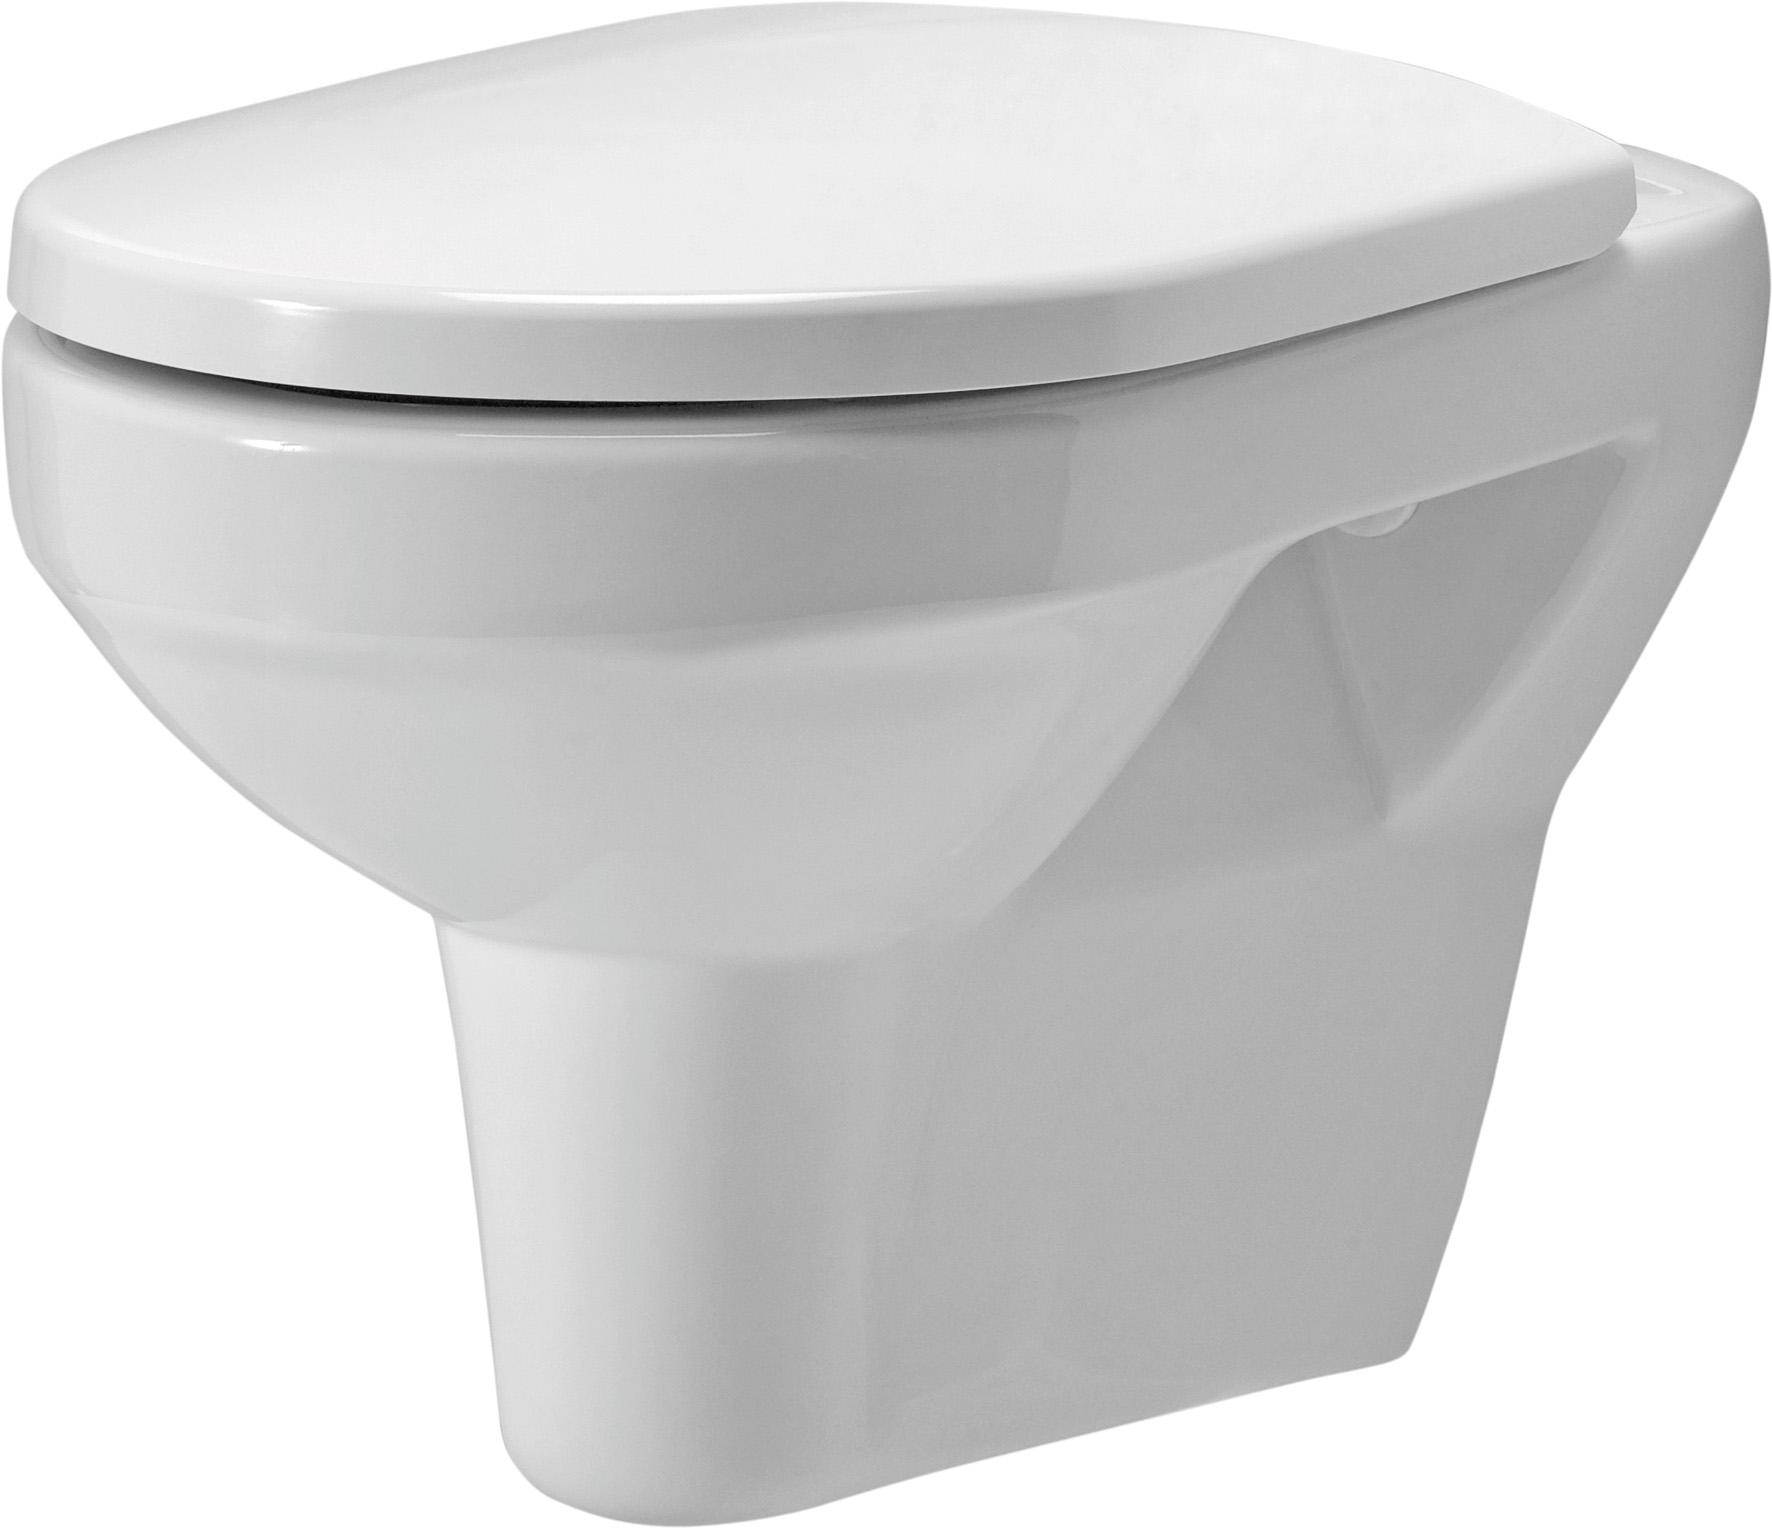 Závěsná WC Mísa OLIMPIA - K10-008 CERSANIT, bez sedátka K10-008